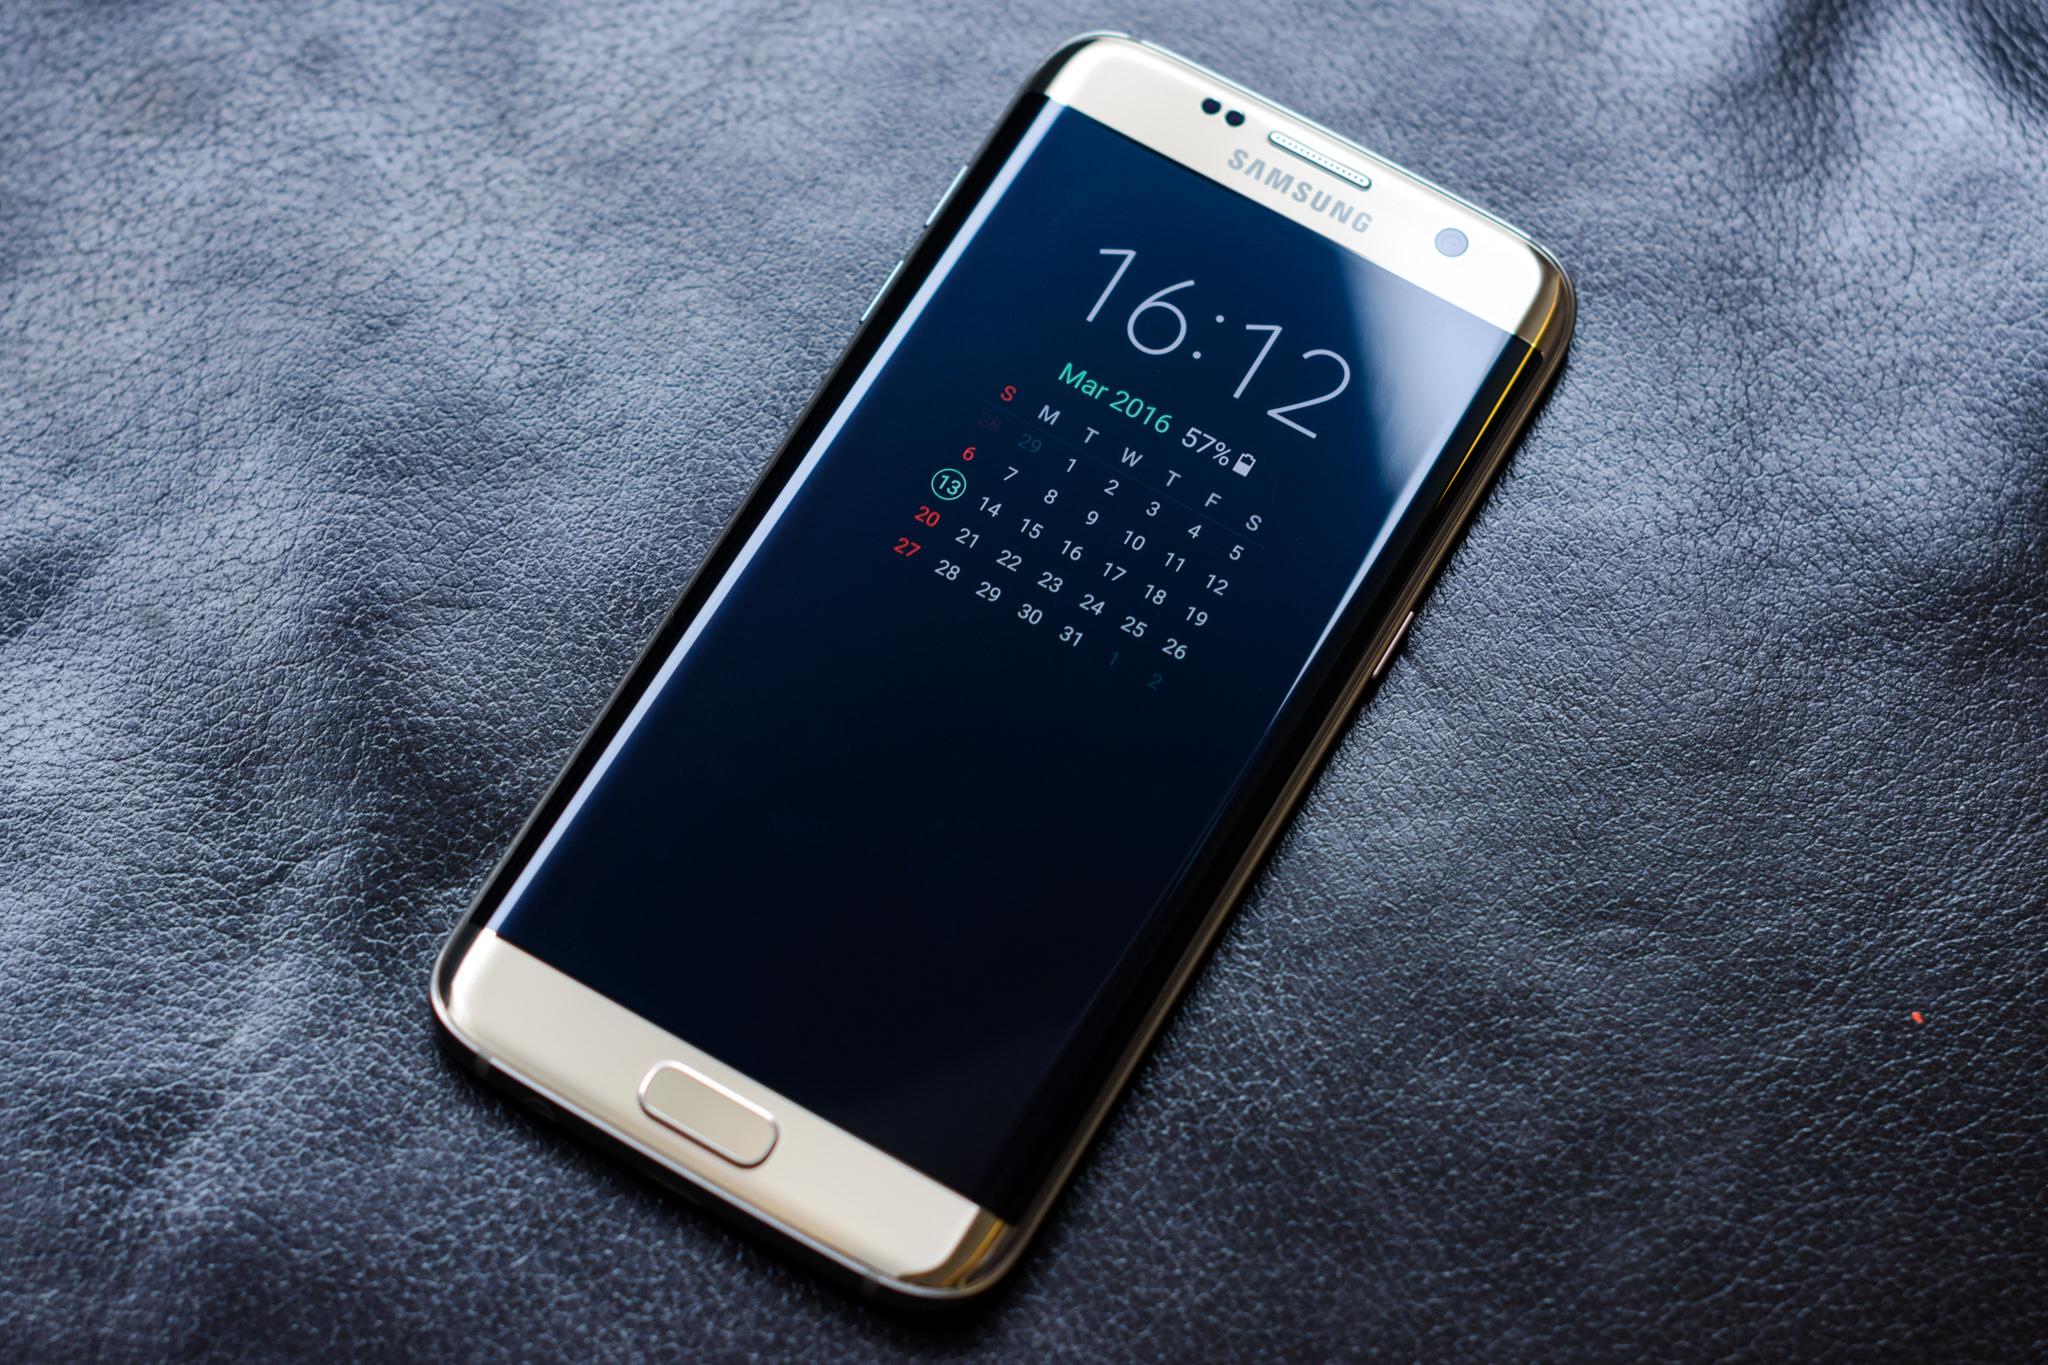 Nejvíce kopírovaným telefonem v roce 2017 se stal model Galaxy S7 Edge